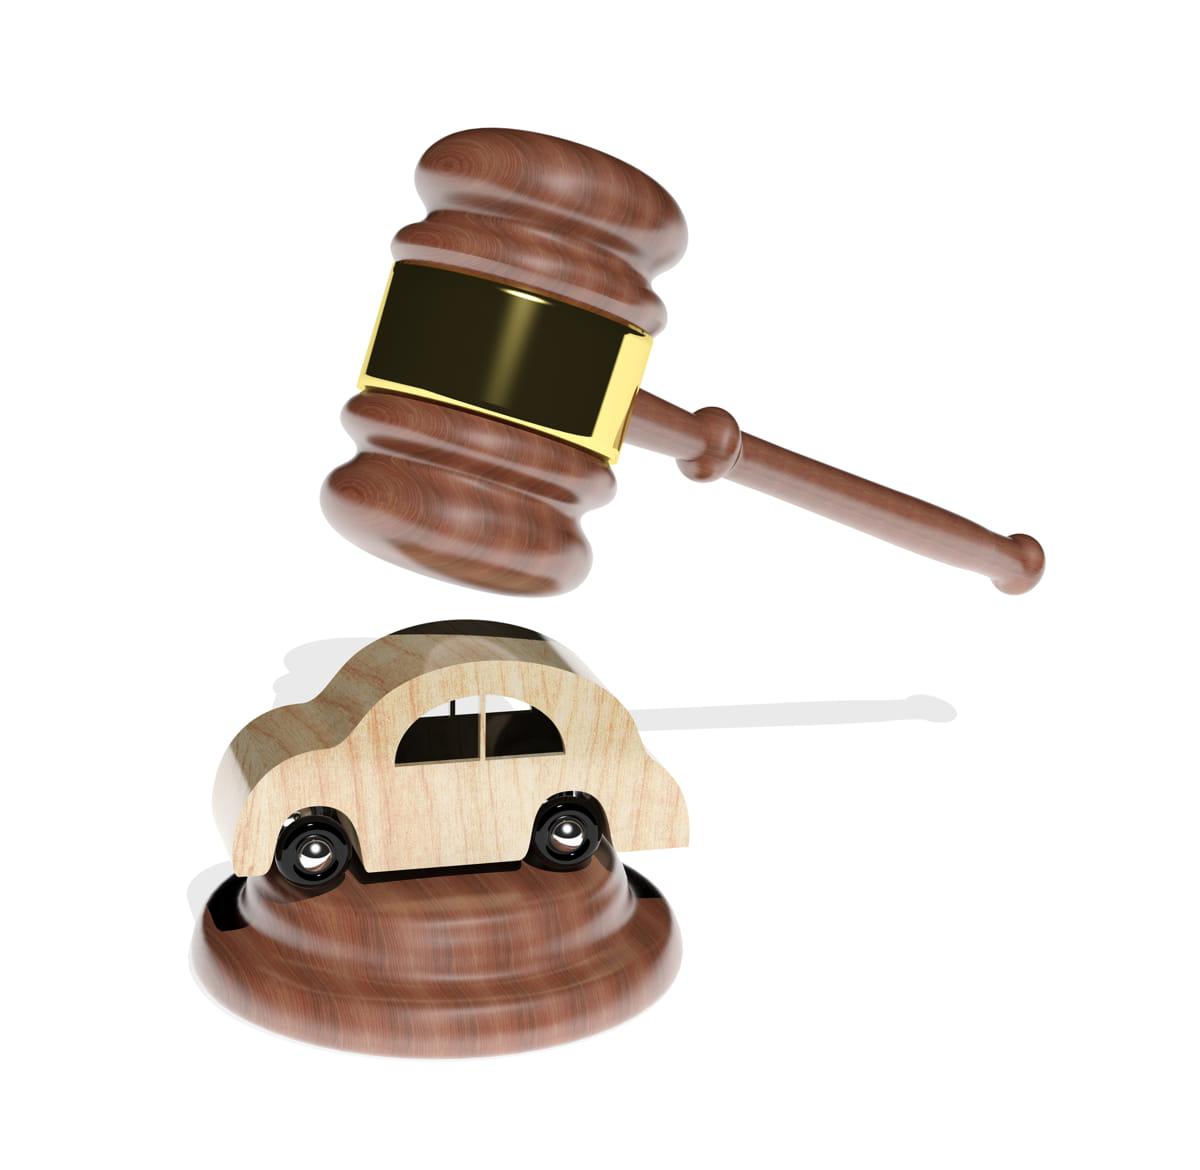 עורך דין למכון הרפואי לבטיחות בדרכים